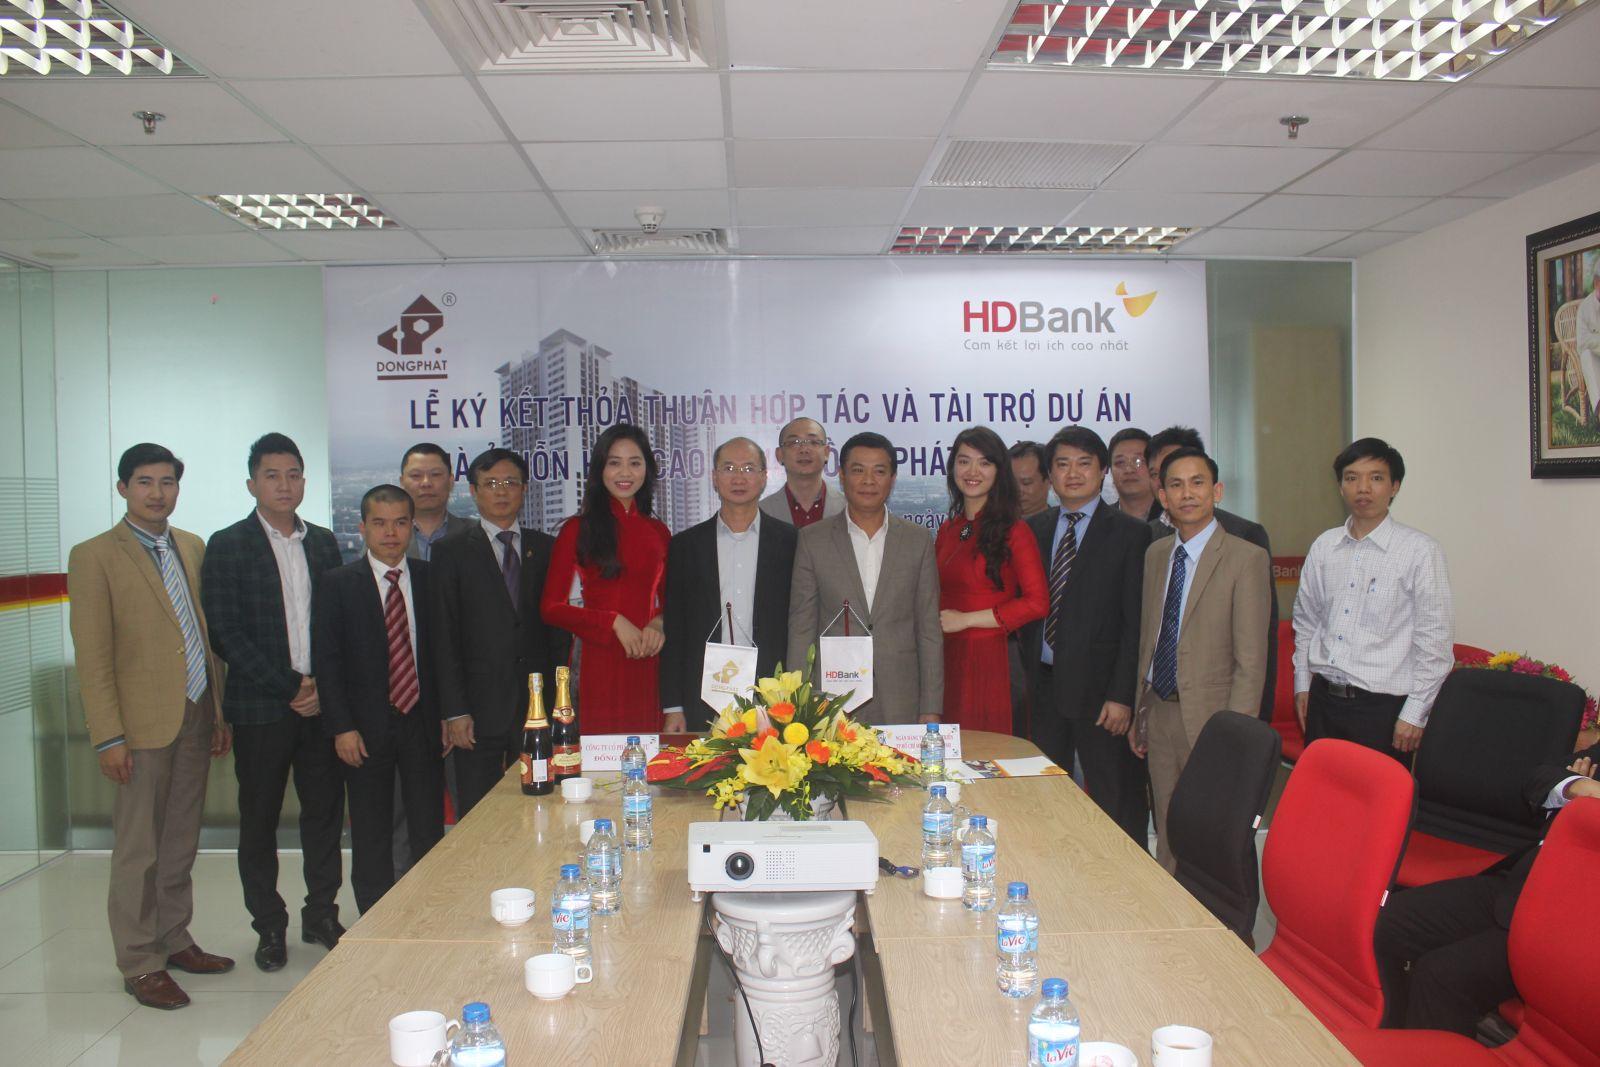 lễ kí kết với HD Bank